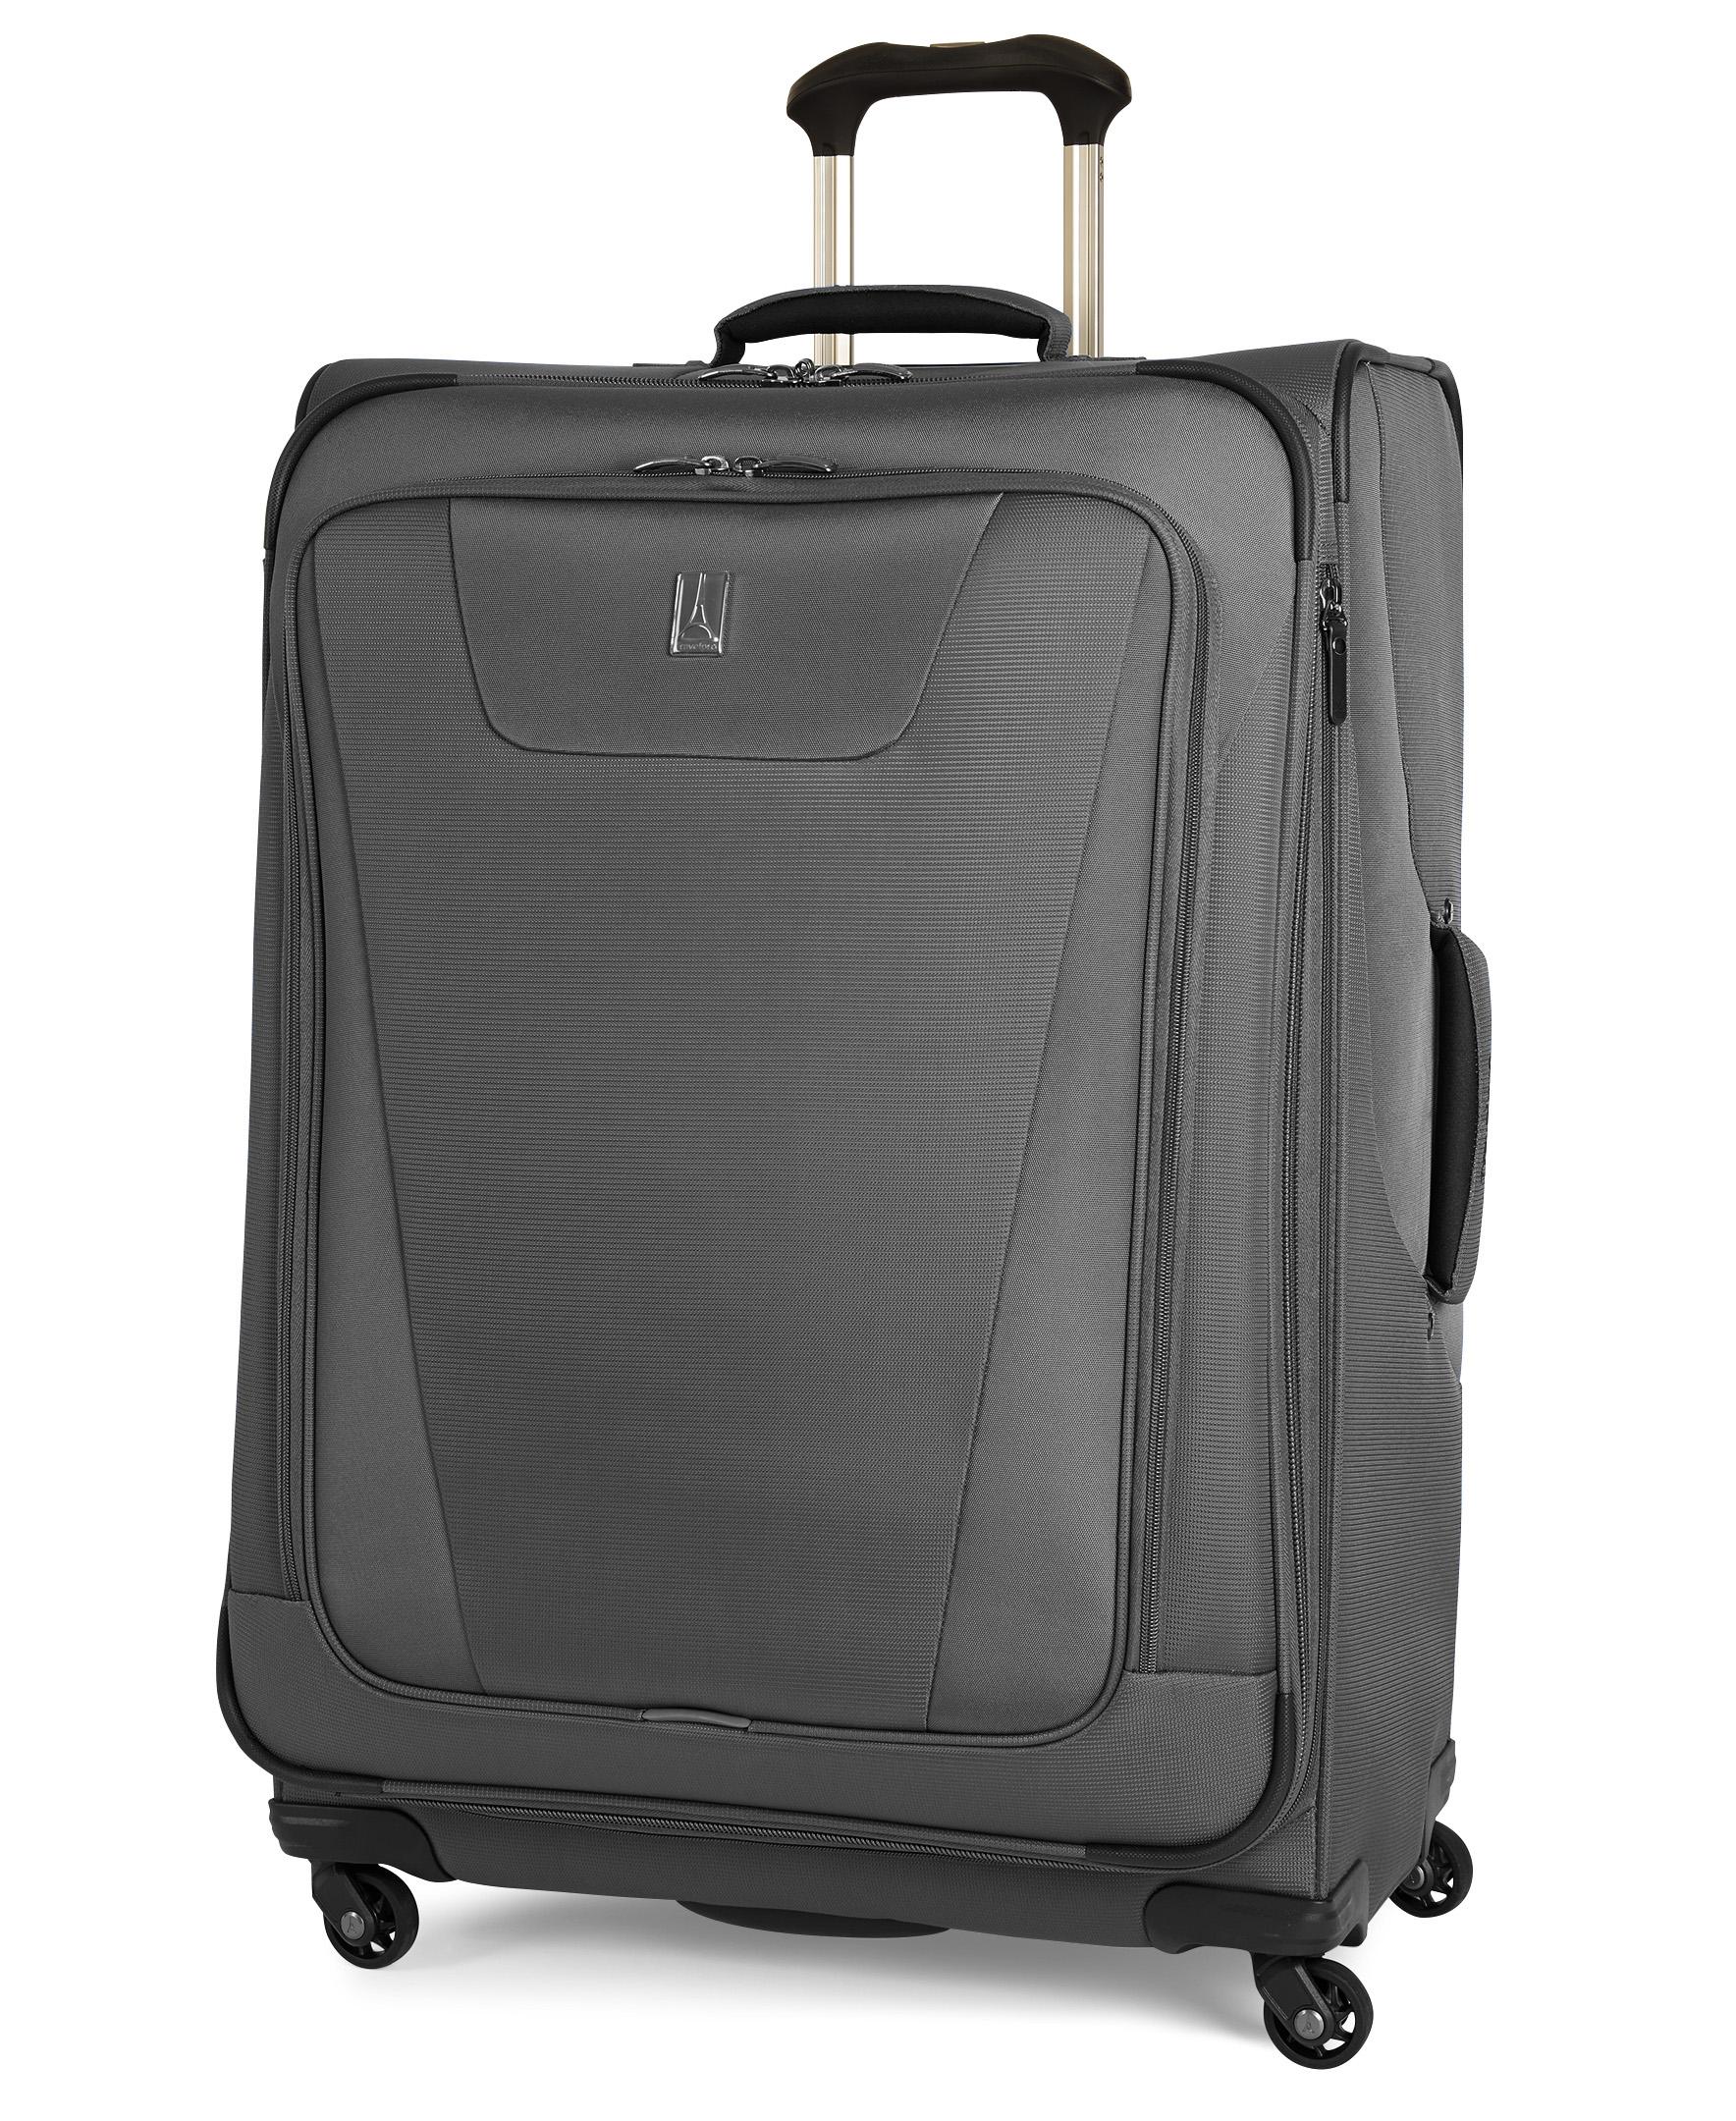 Travelpro Maxlite 4 29